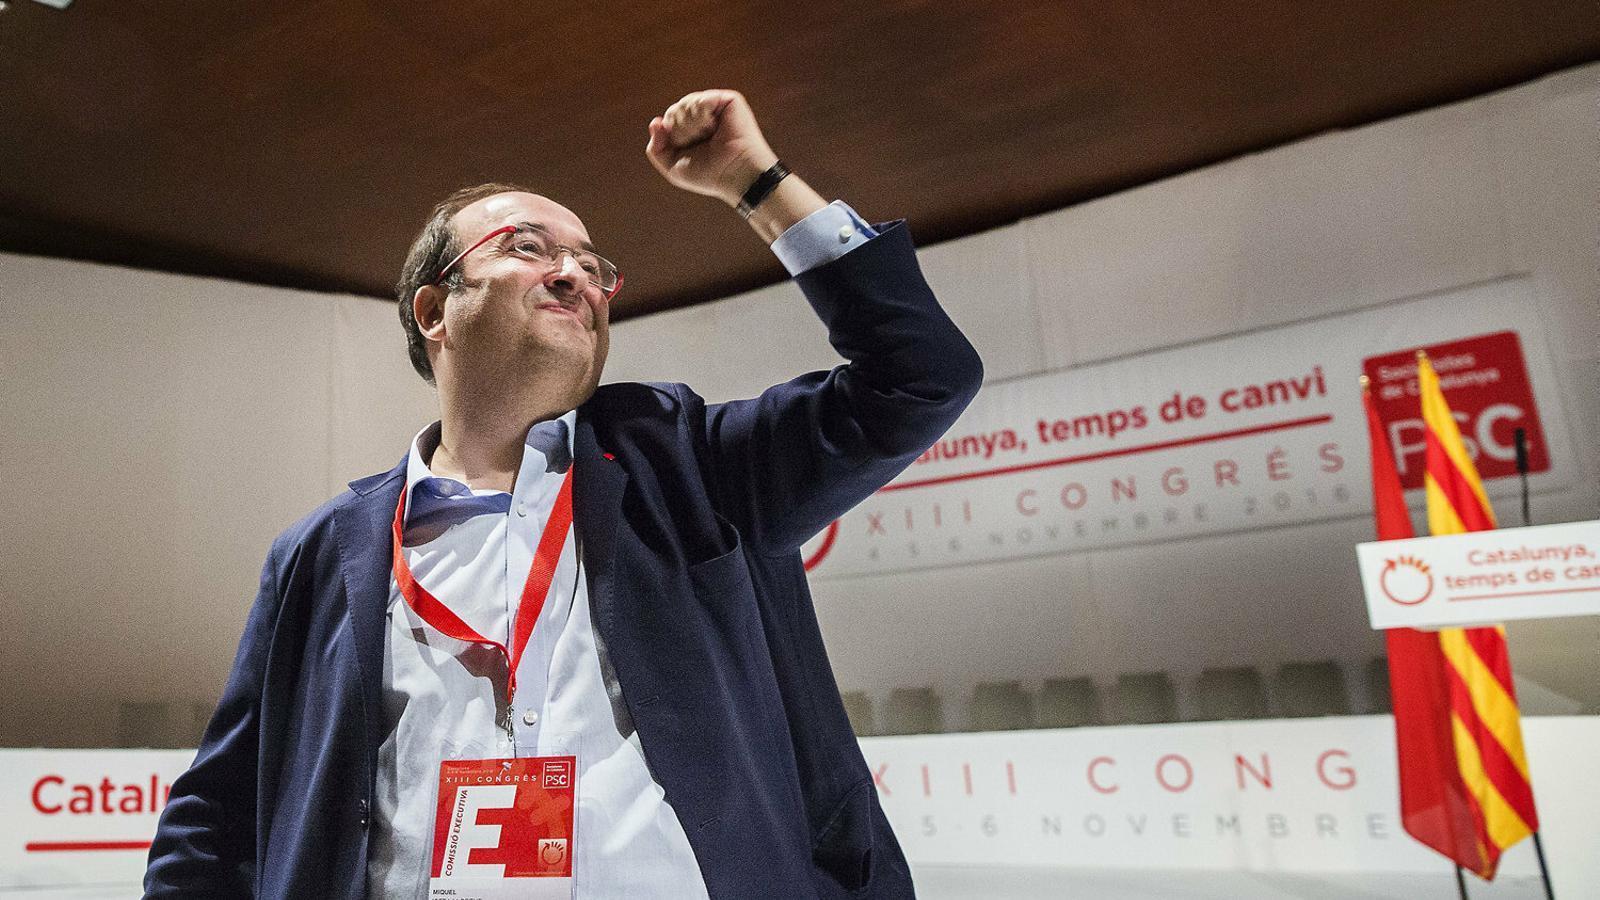 El primer secretari del PSC, Miquel Iceta, en una imatge del congrés del partit de l'any 2016 que va enterrar el dret a decidir.